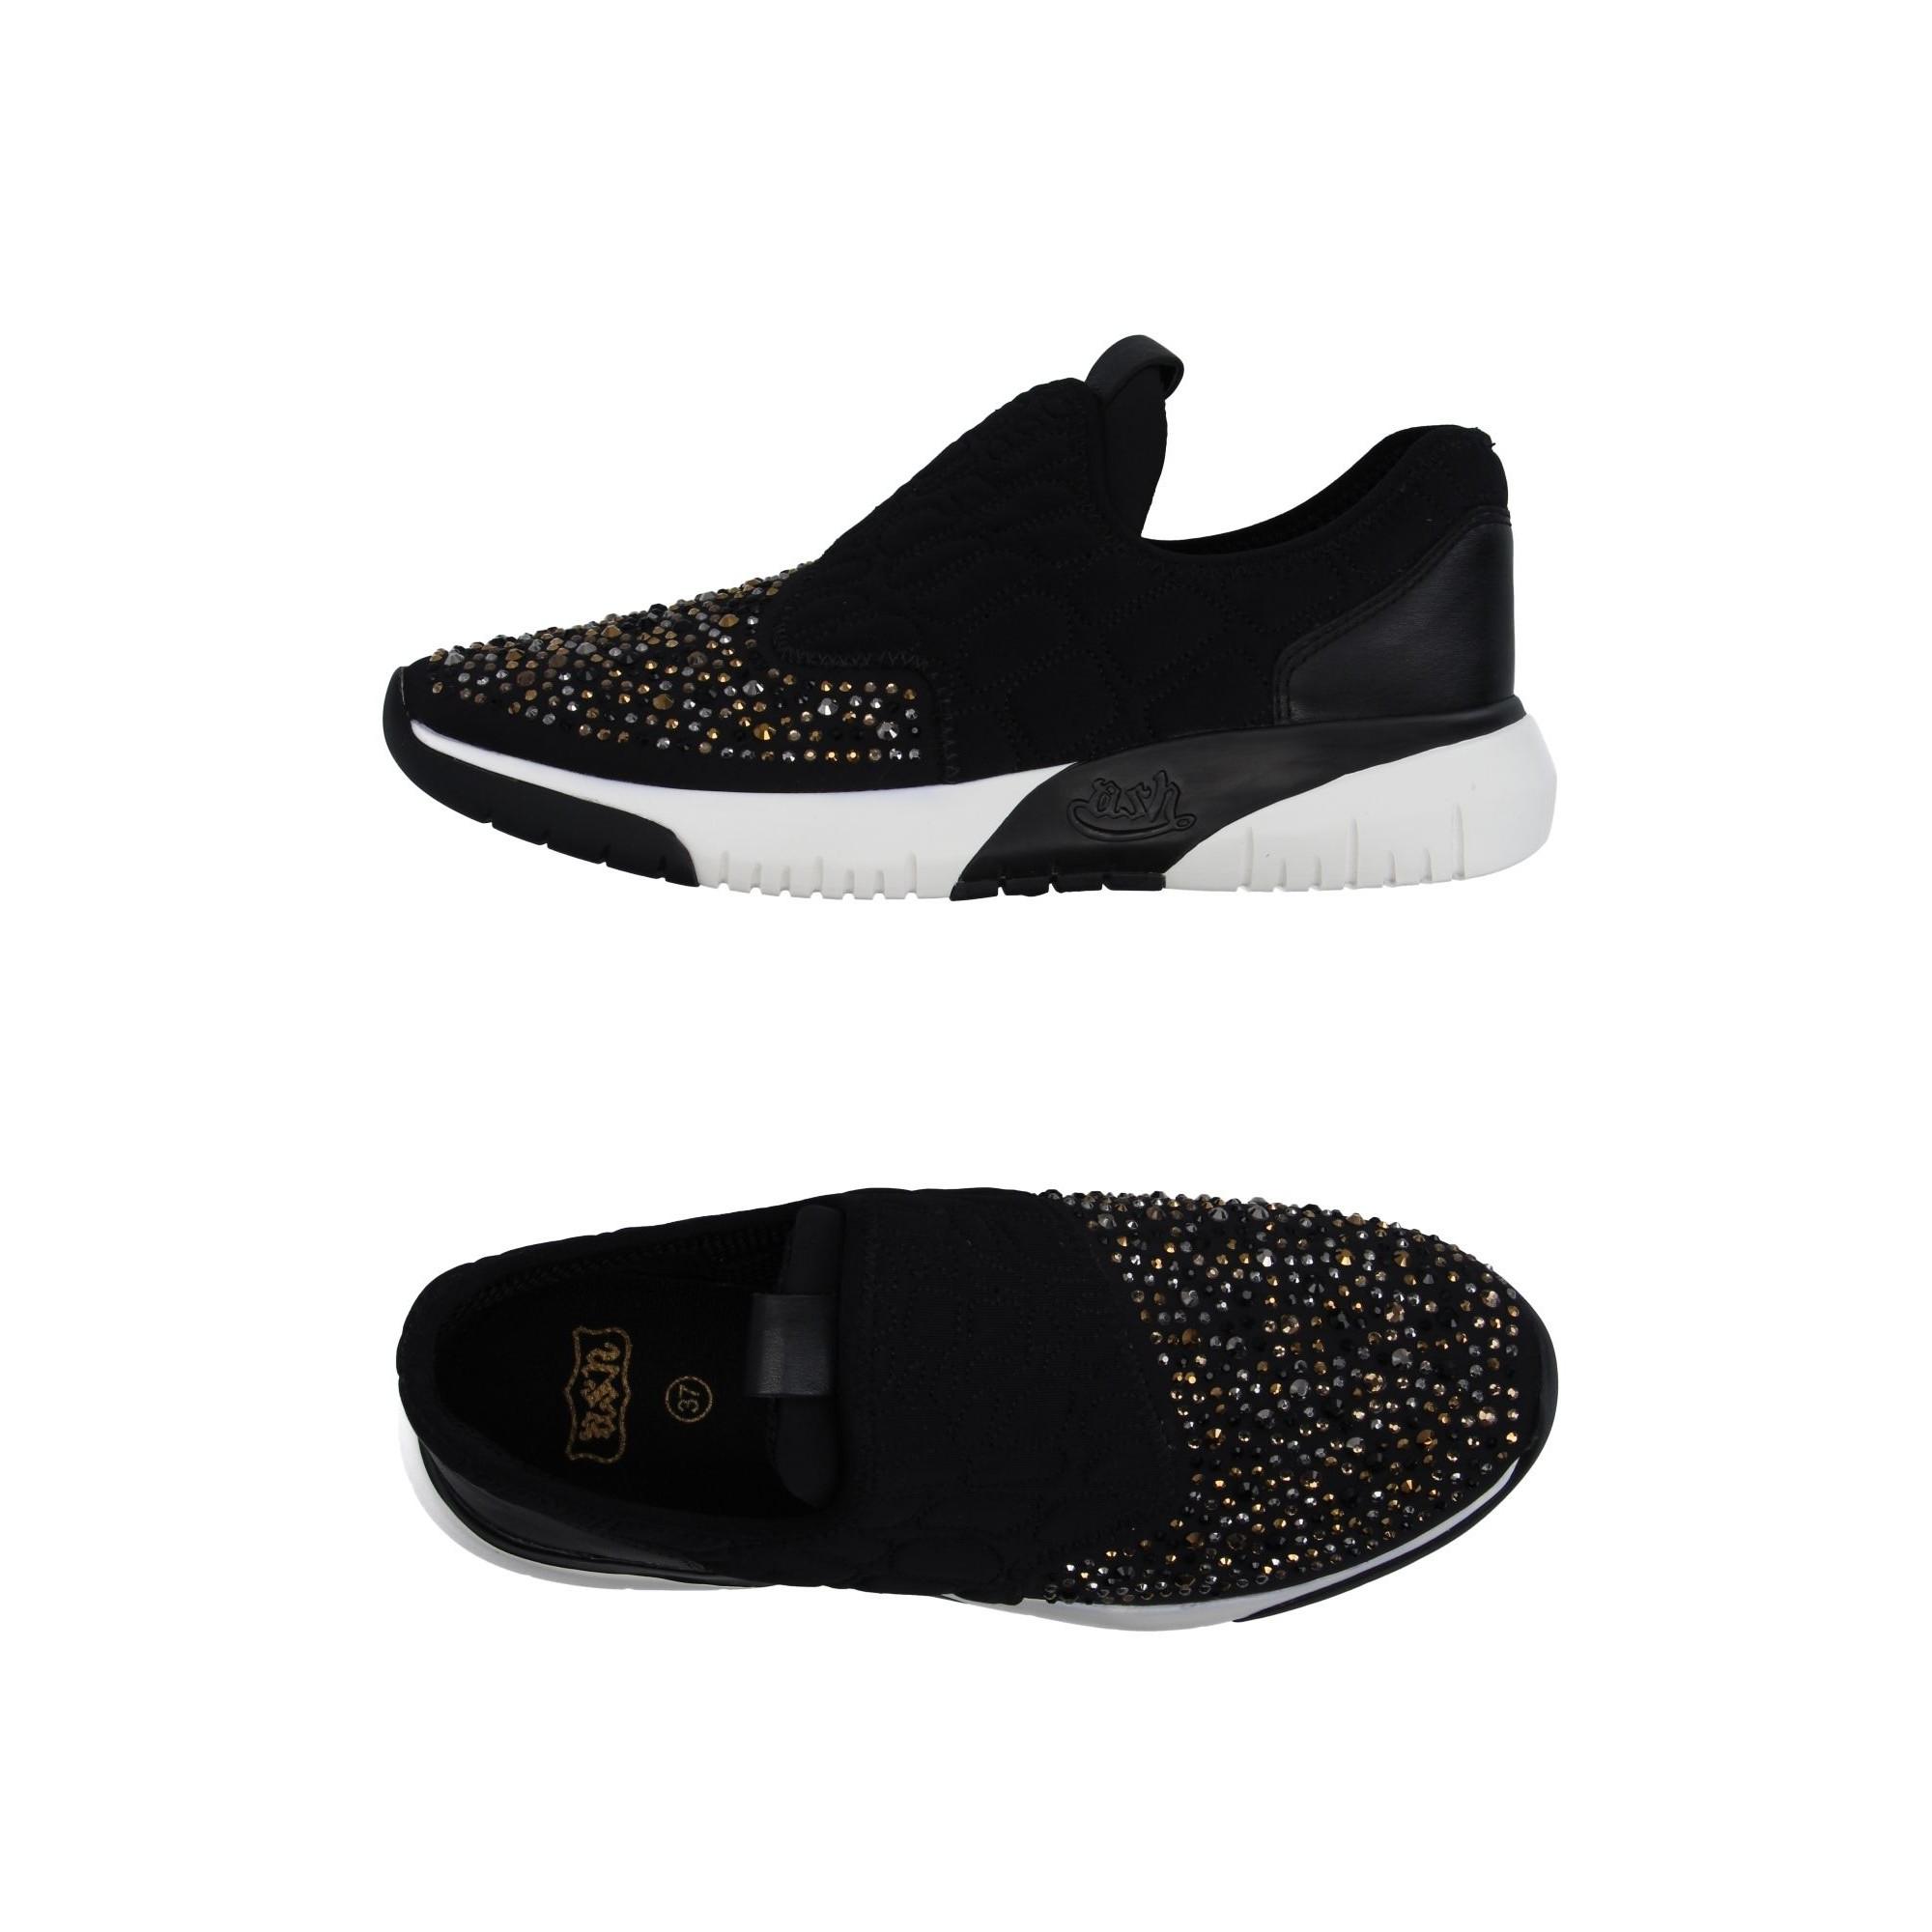 8c3a3f50 Купить черные кроссовки Ash со стразами — в Киеве, код товара 29011